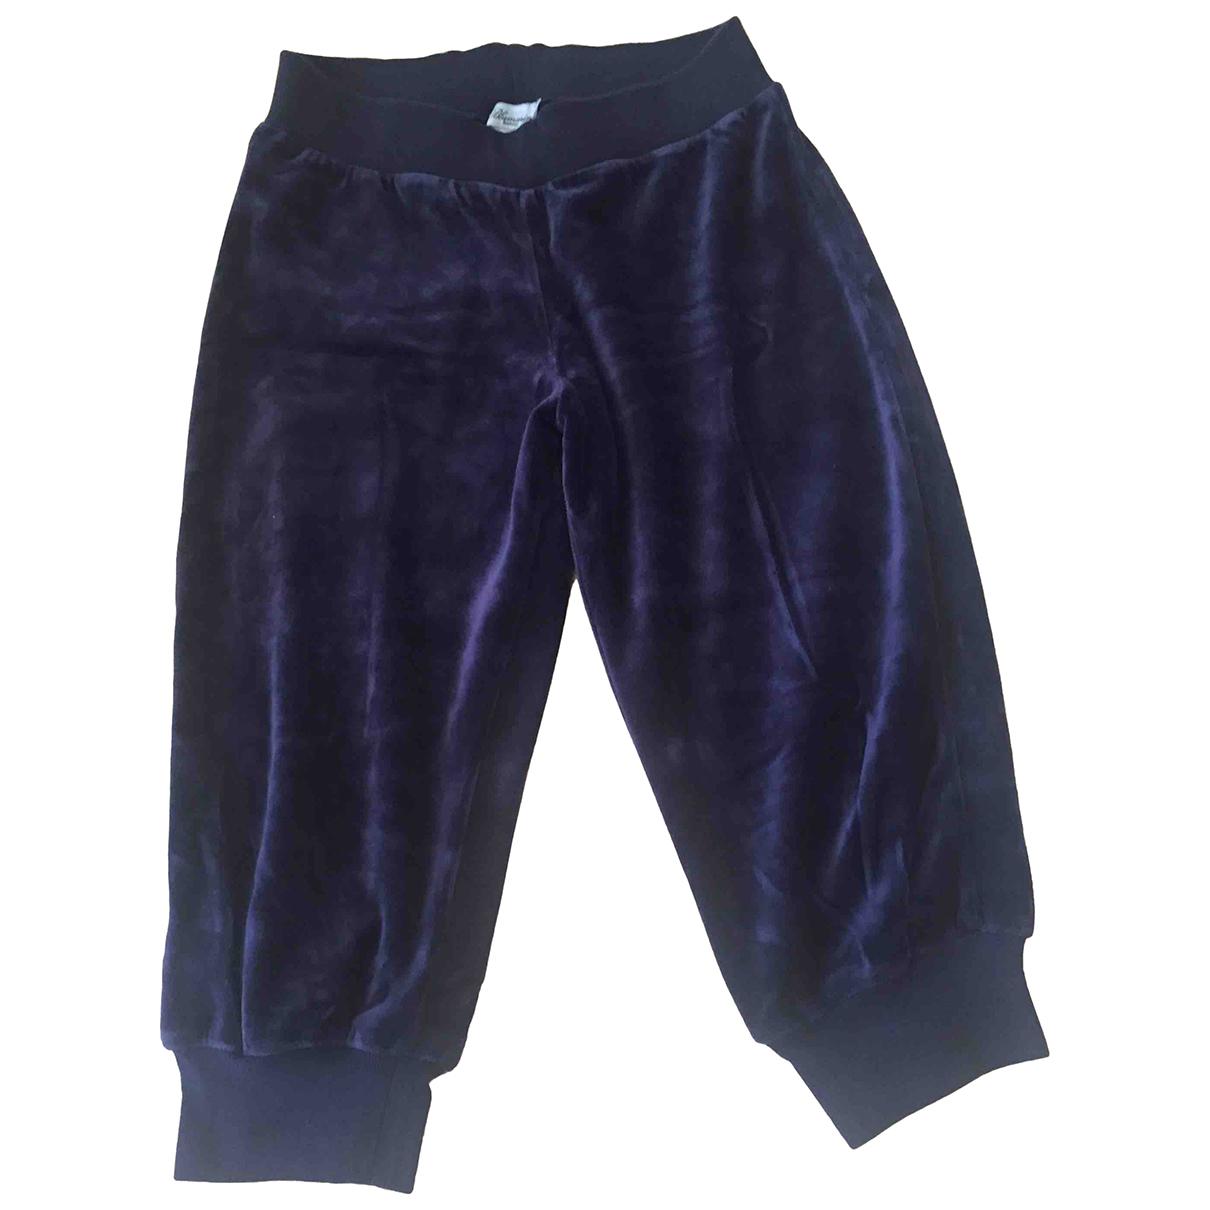 Pantalon corto Blumarine